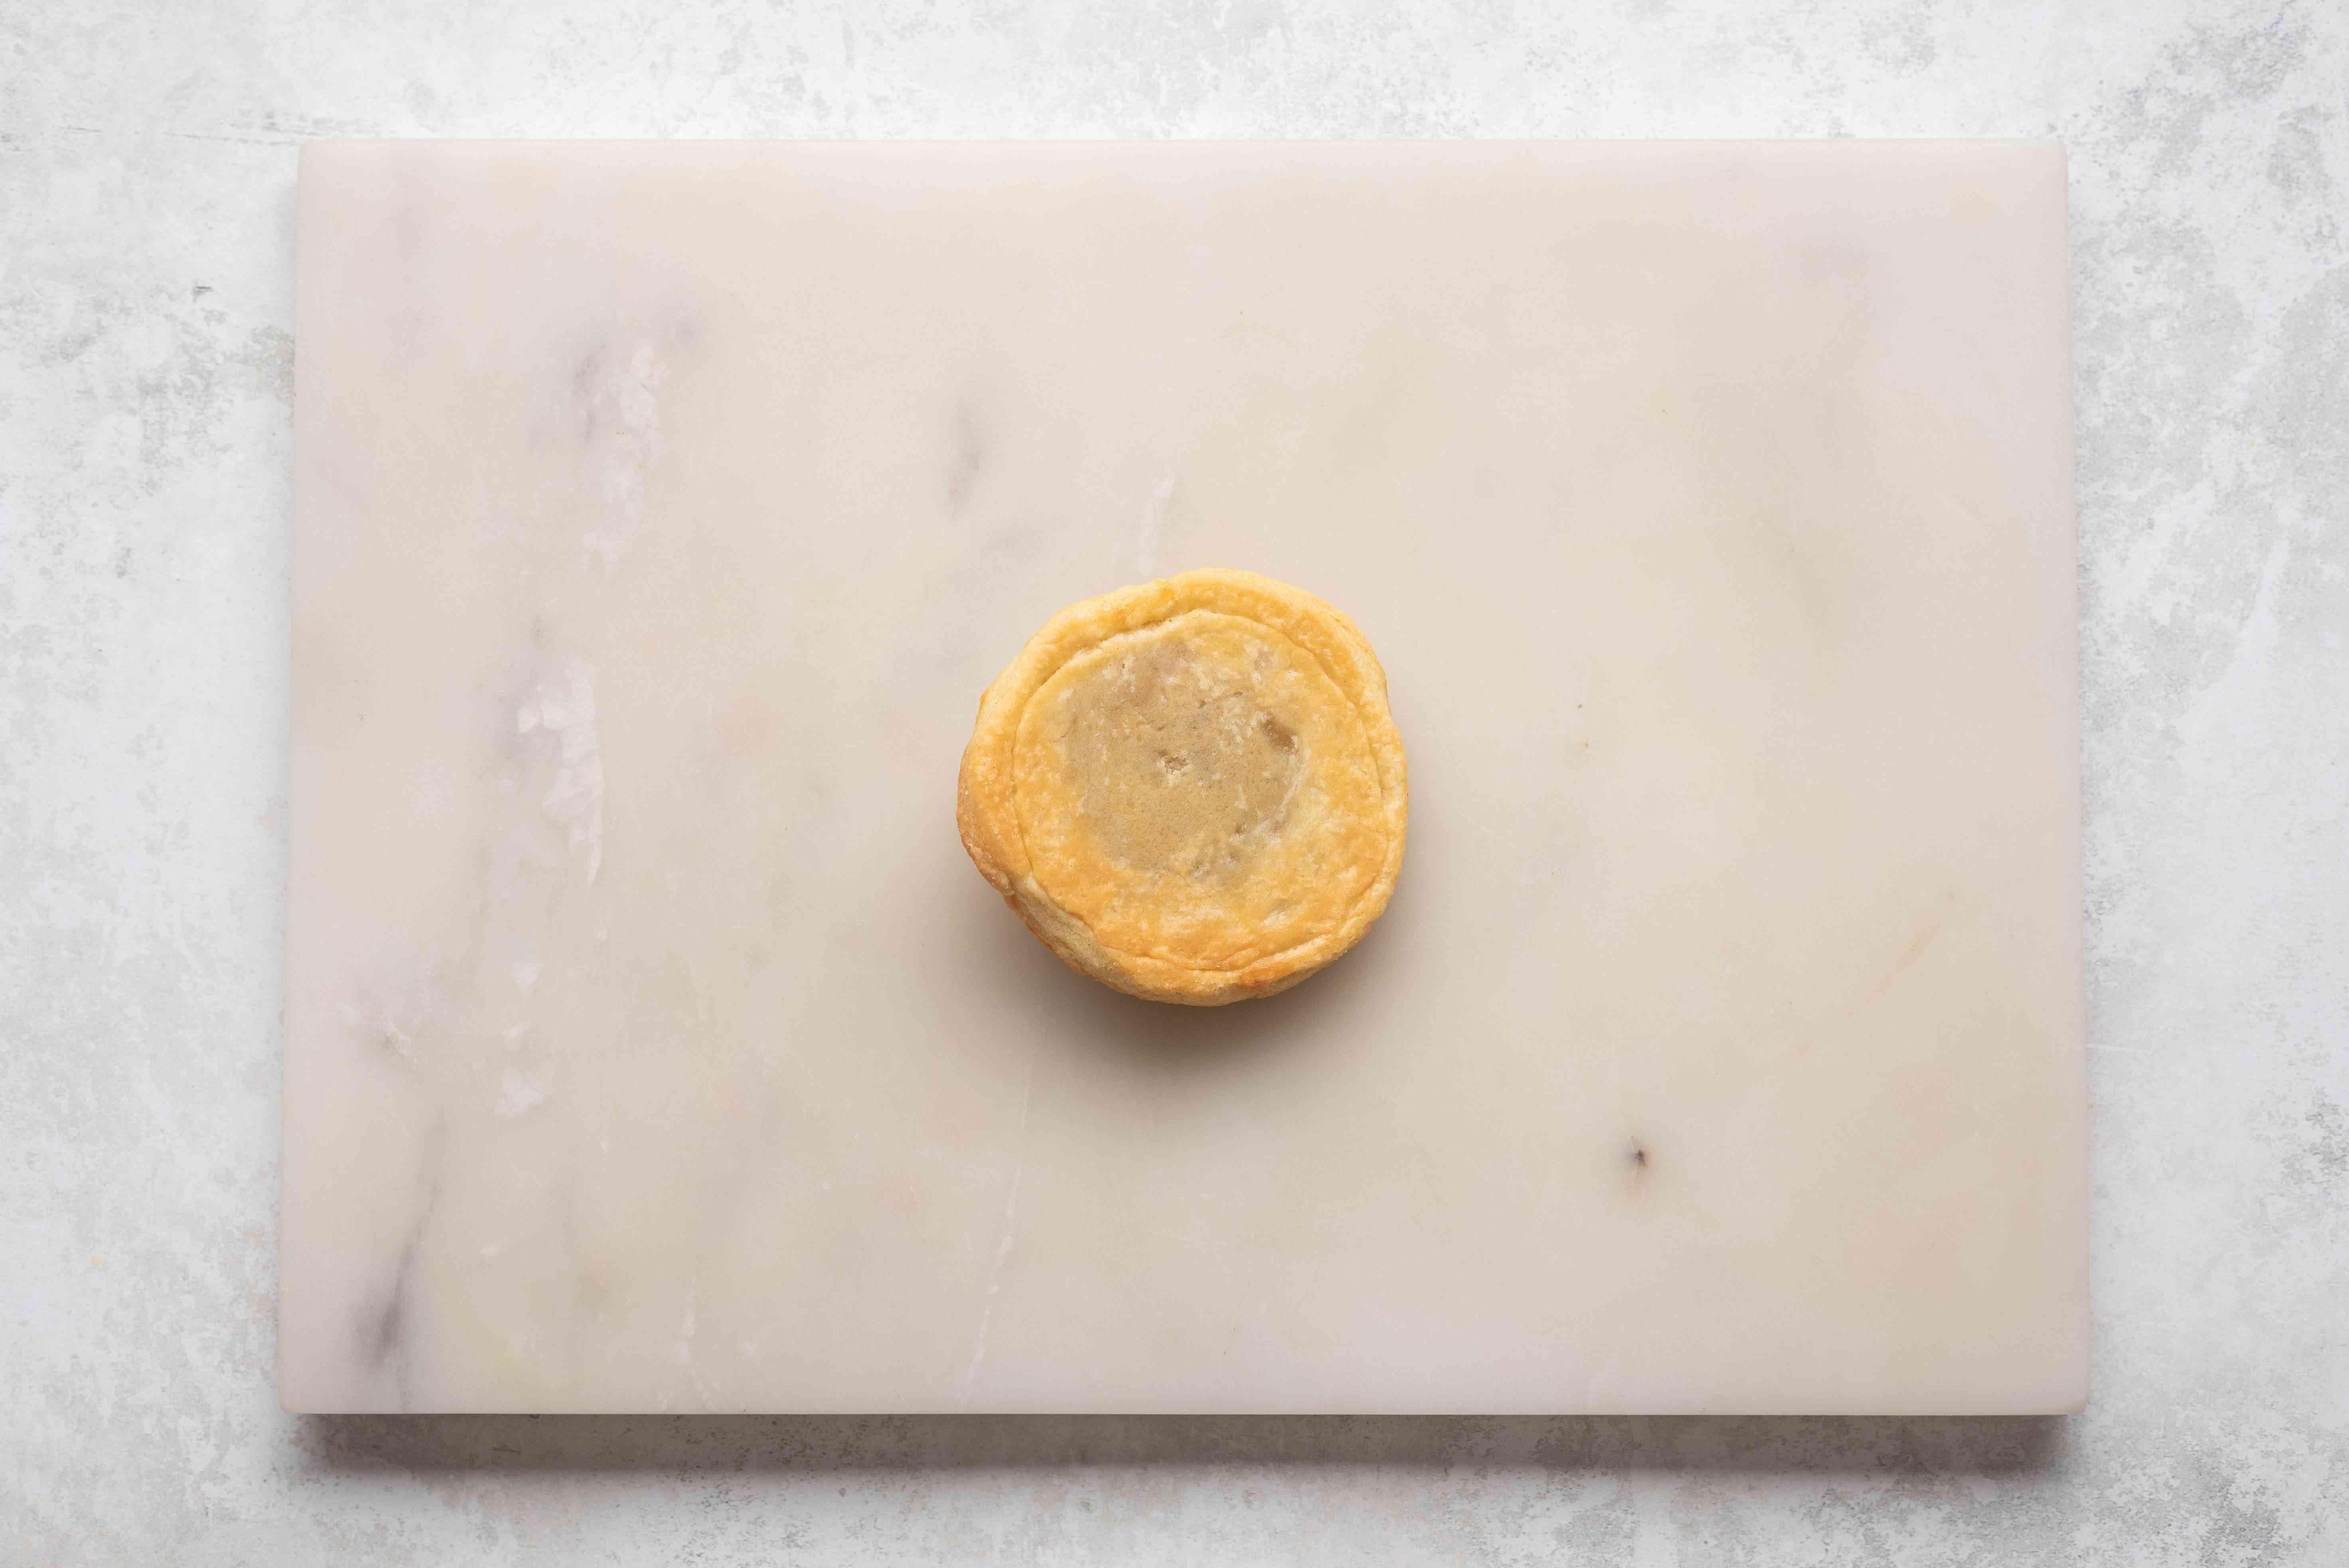 mini pie on cutting board